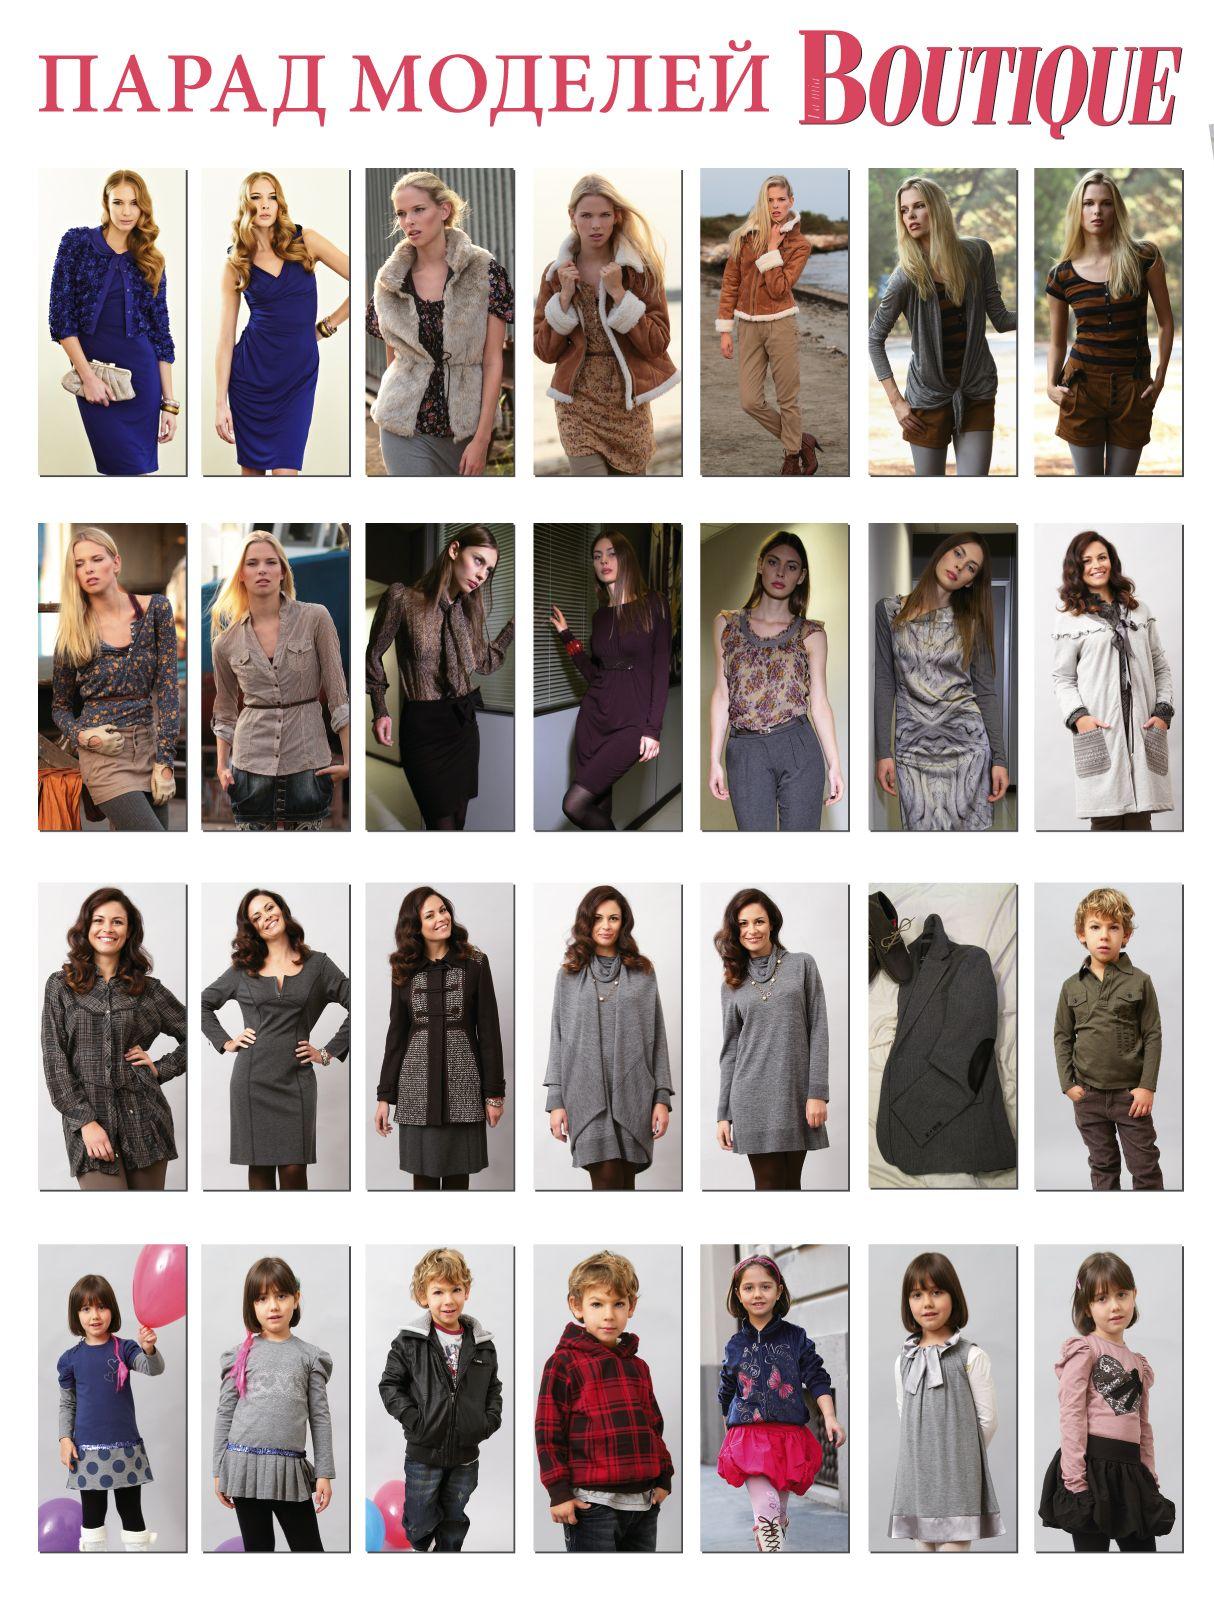 Журнал «ШиК: Шитье и крой. Boutique» № 09/2012 (сентябрь) (34218.Shick.Boutiqe.2012.09.content.01.jpg)